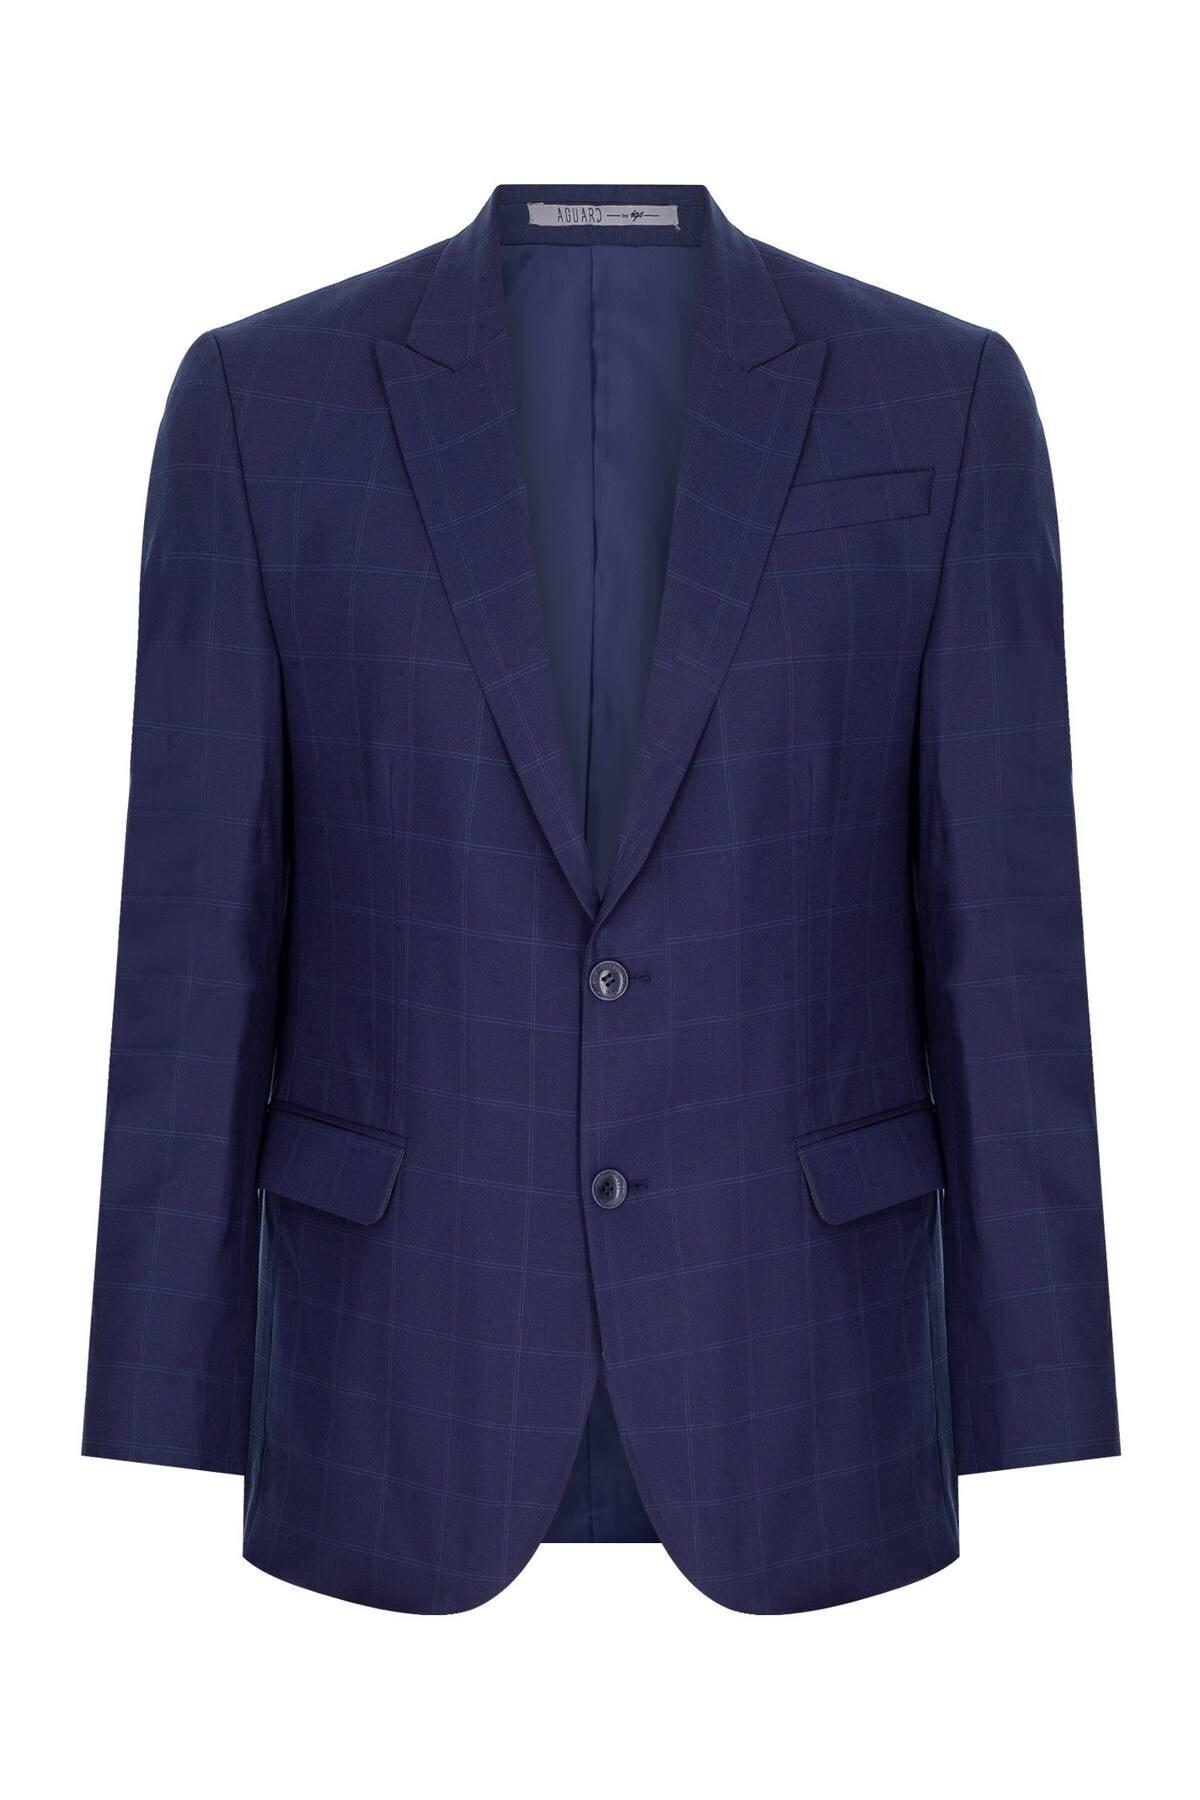 İgs Erkek Lacivert Slım Fıt / Dar Kalıp 9cm Kırlangıç Takım Elbise 2